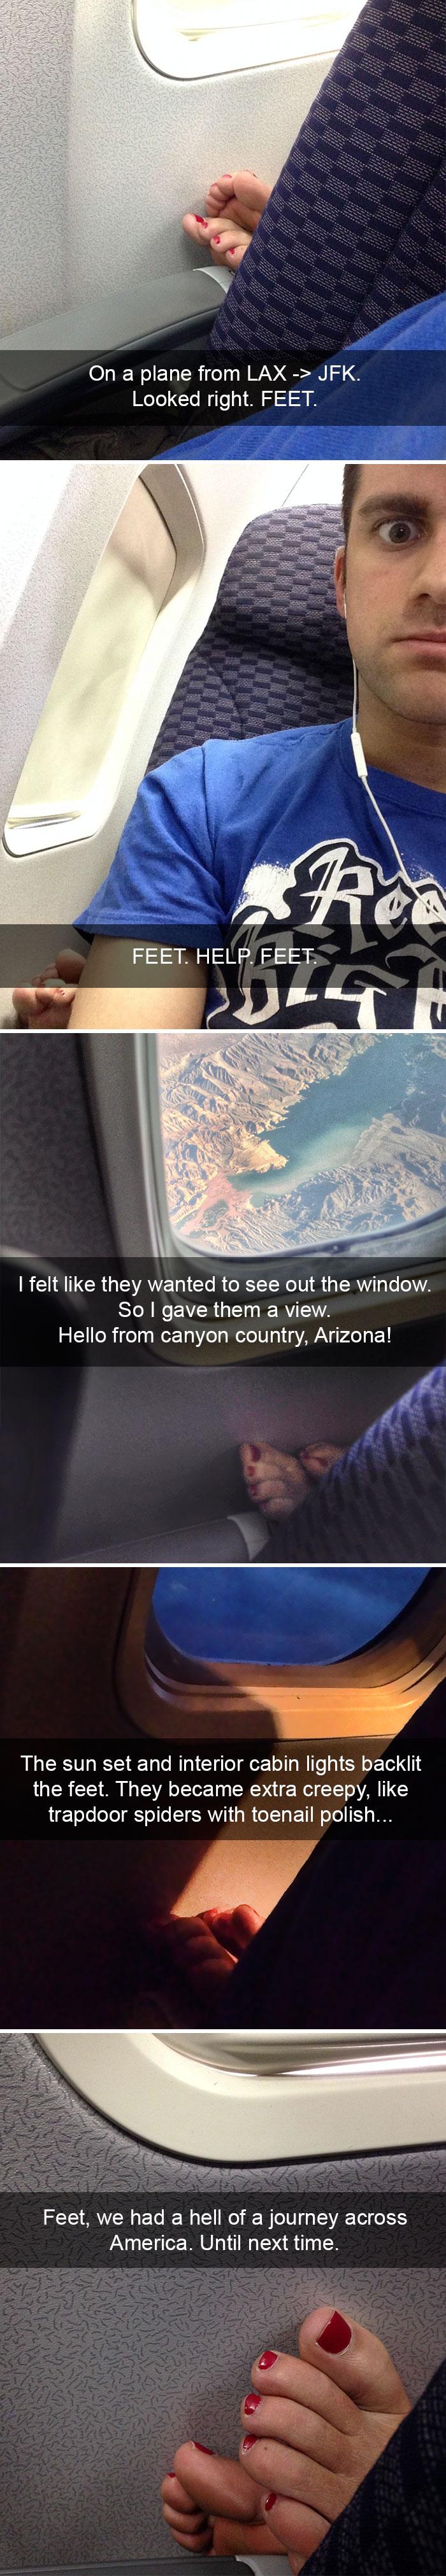 Funny Flight Post